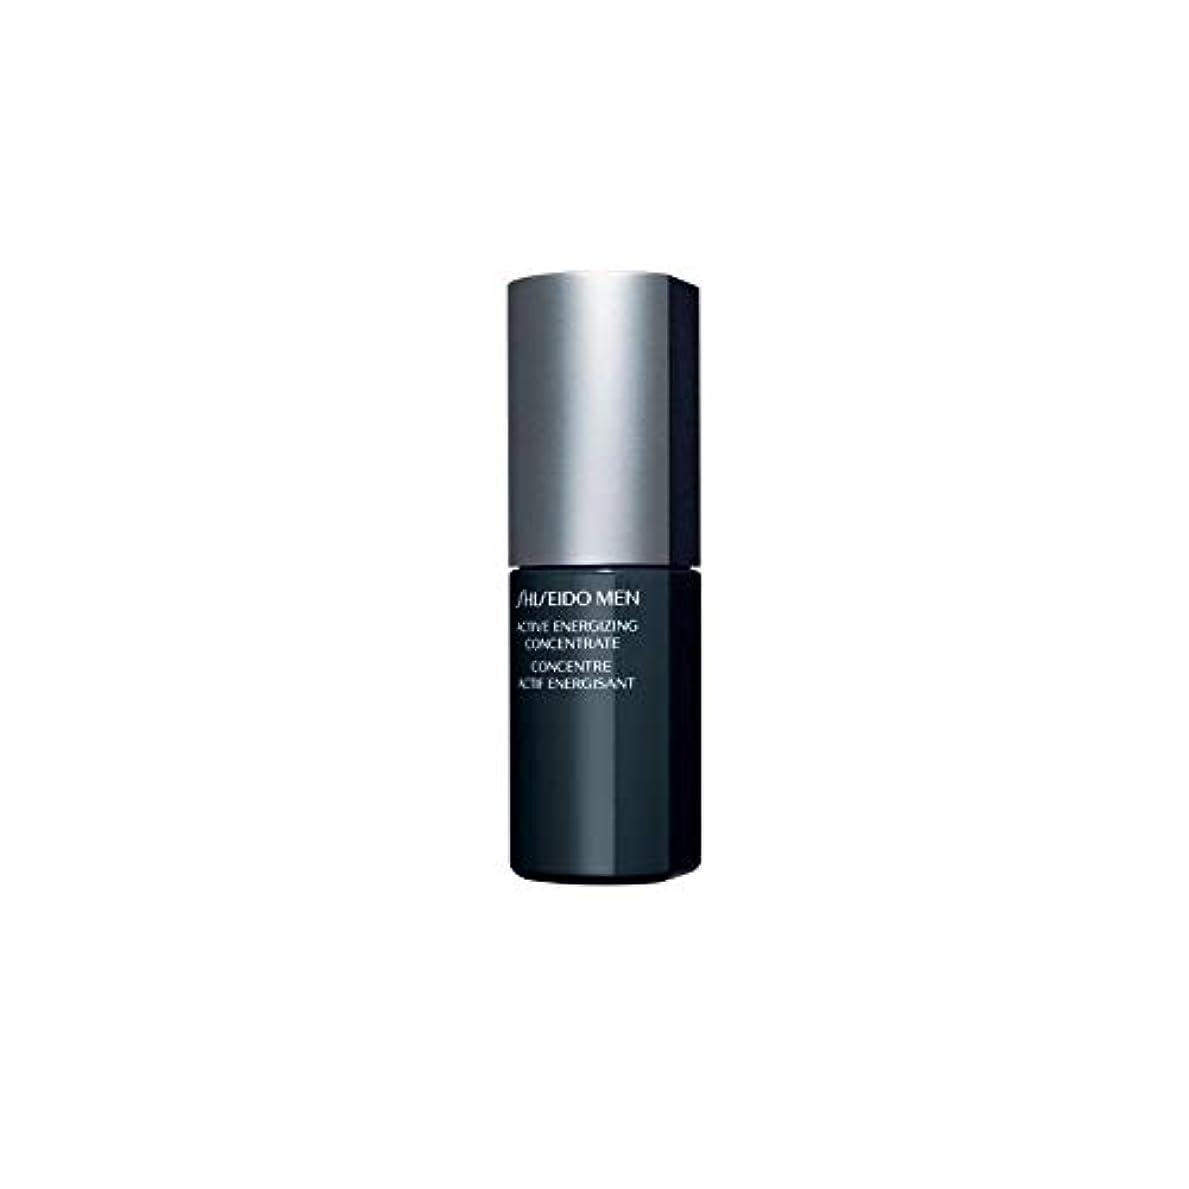 露骨な政治家のゾーン[Shiseido ] 資生堂メンズアクティブ通電濃縮液(50ミリリットル) - Shiseido Mens Active Energizing Concentrate (50ml) [並行輸入品]